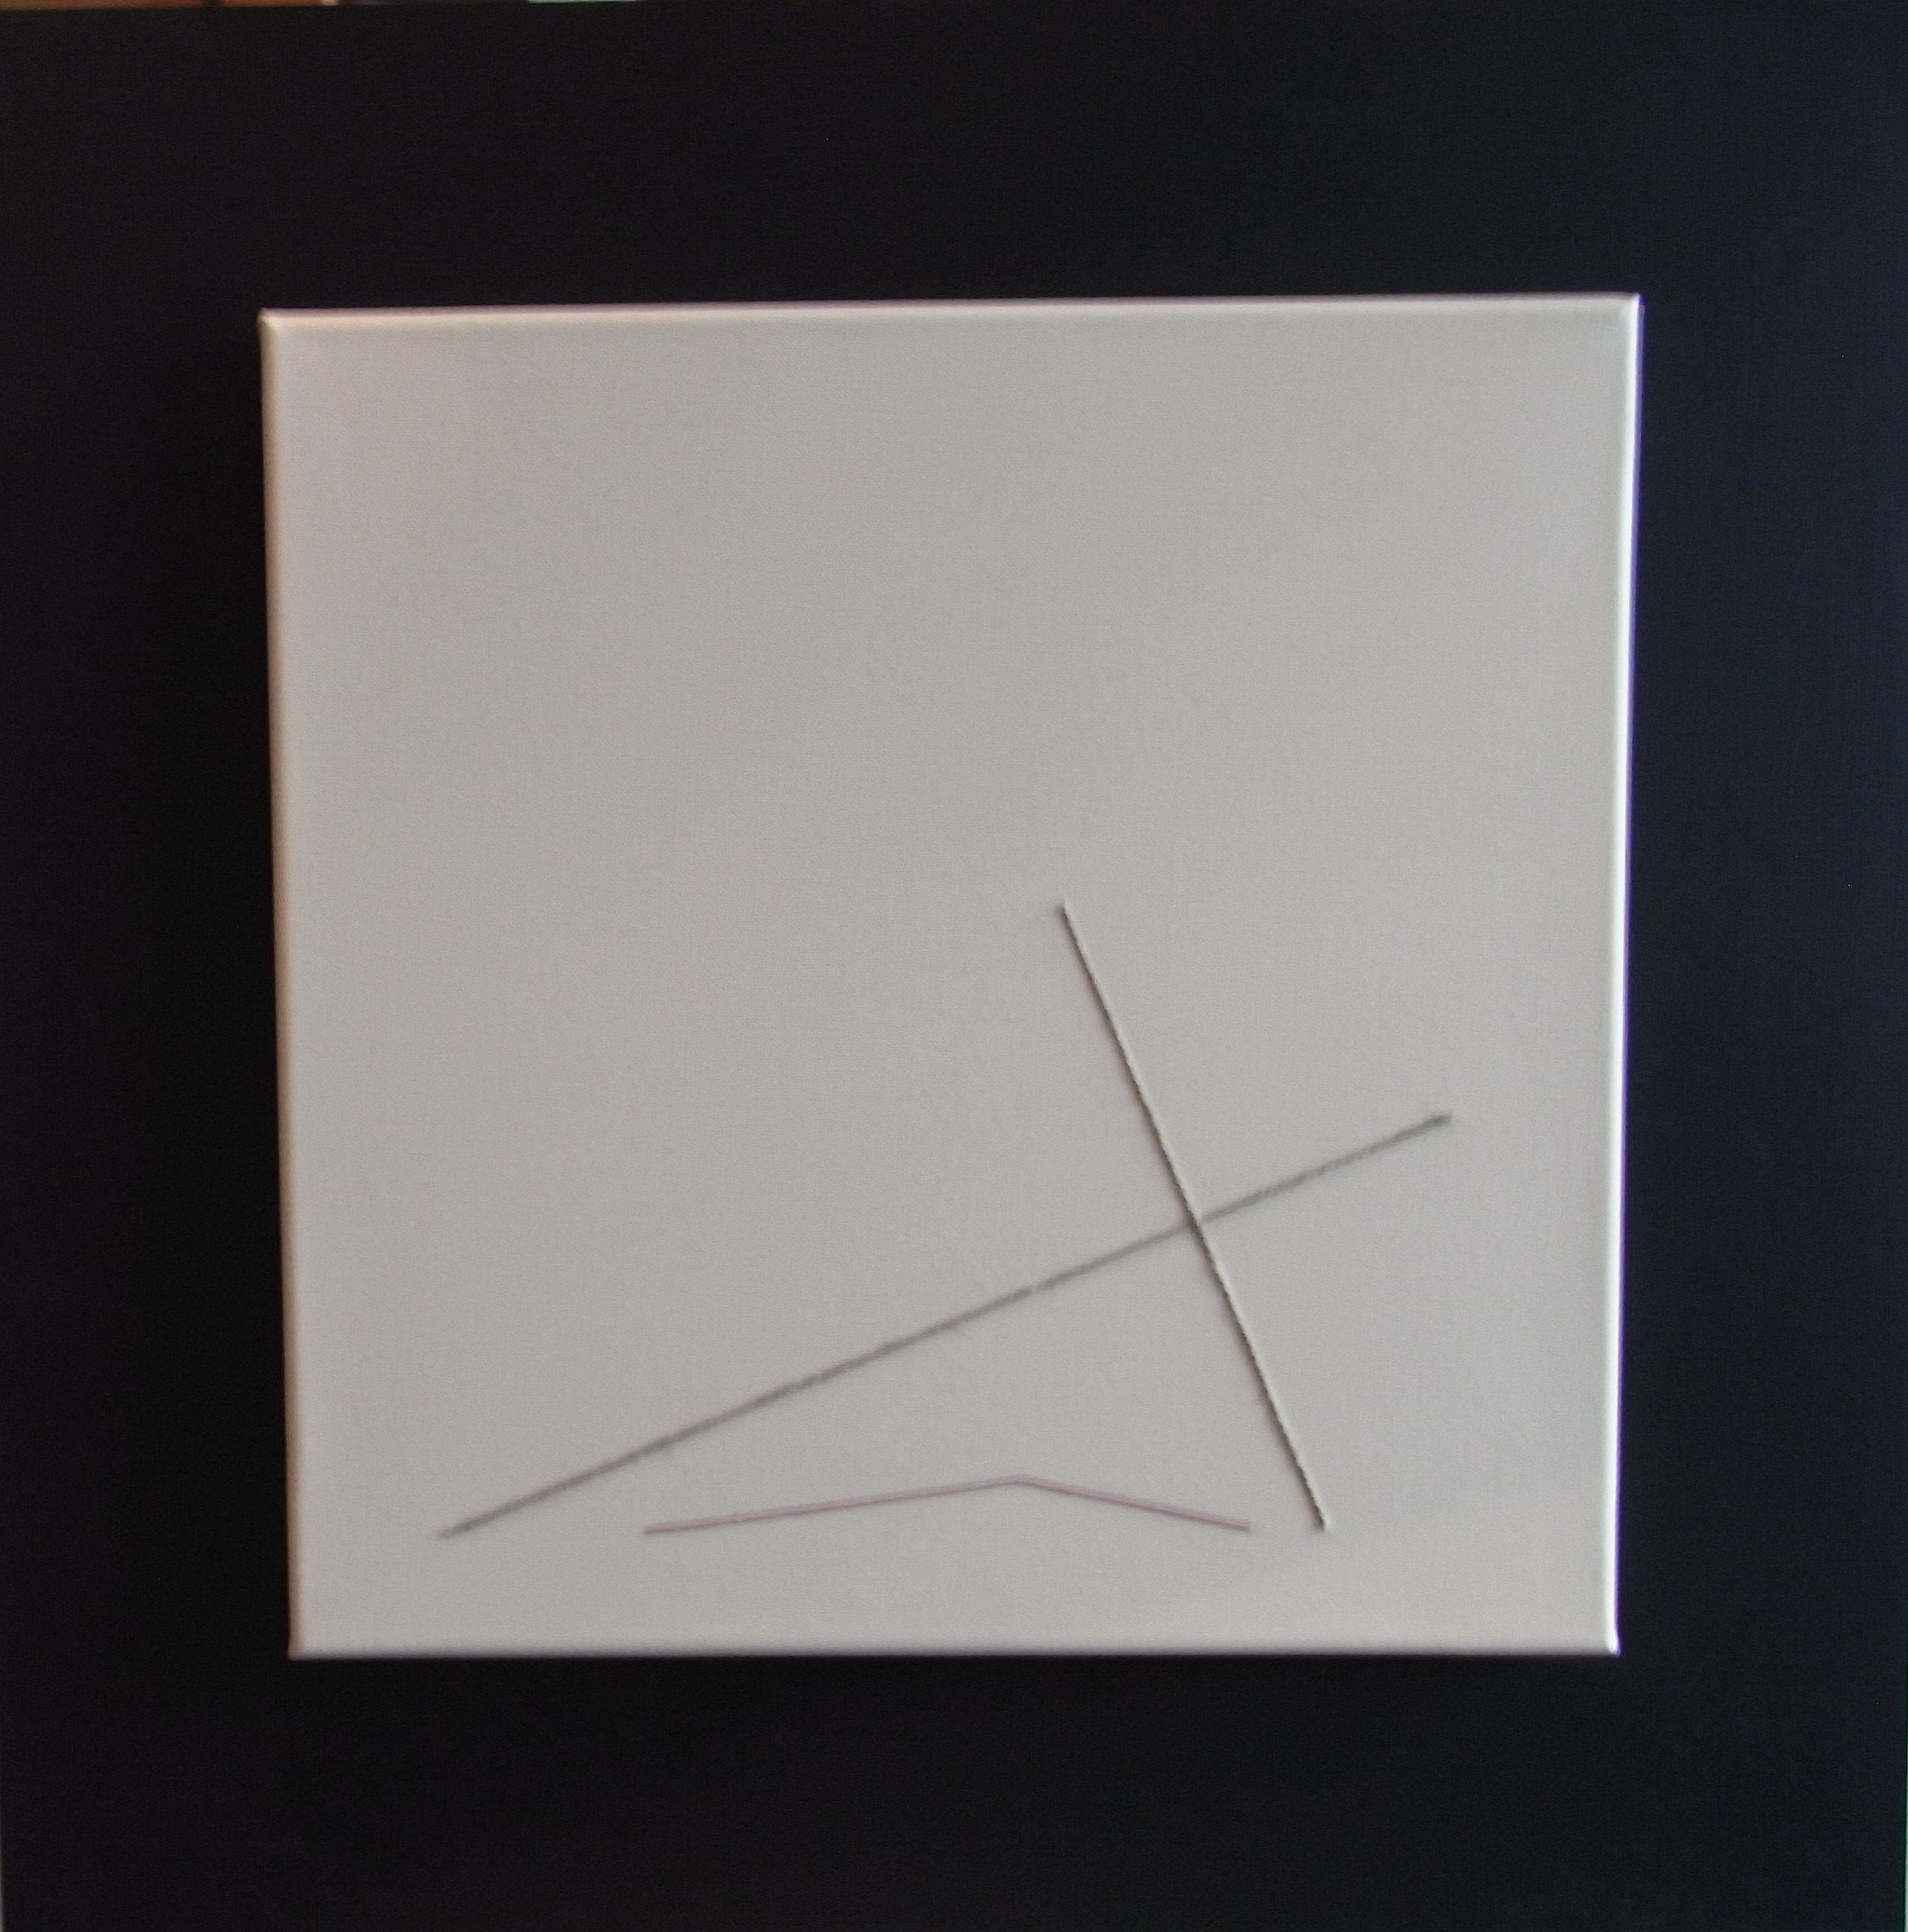 Florian Tiefenbacher, DER KREUZWEG, in reduzierter Darstellung, 2010', www.artcomposer at 9